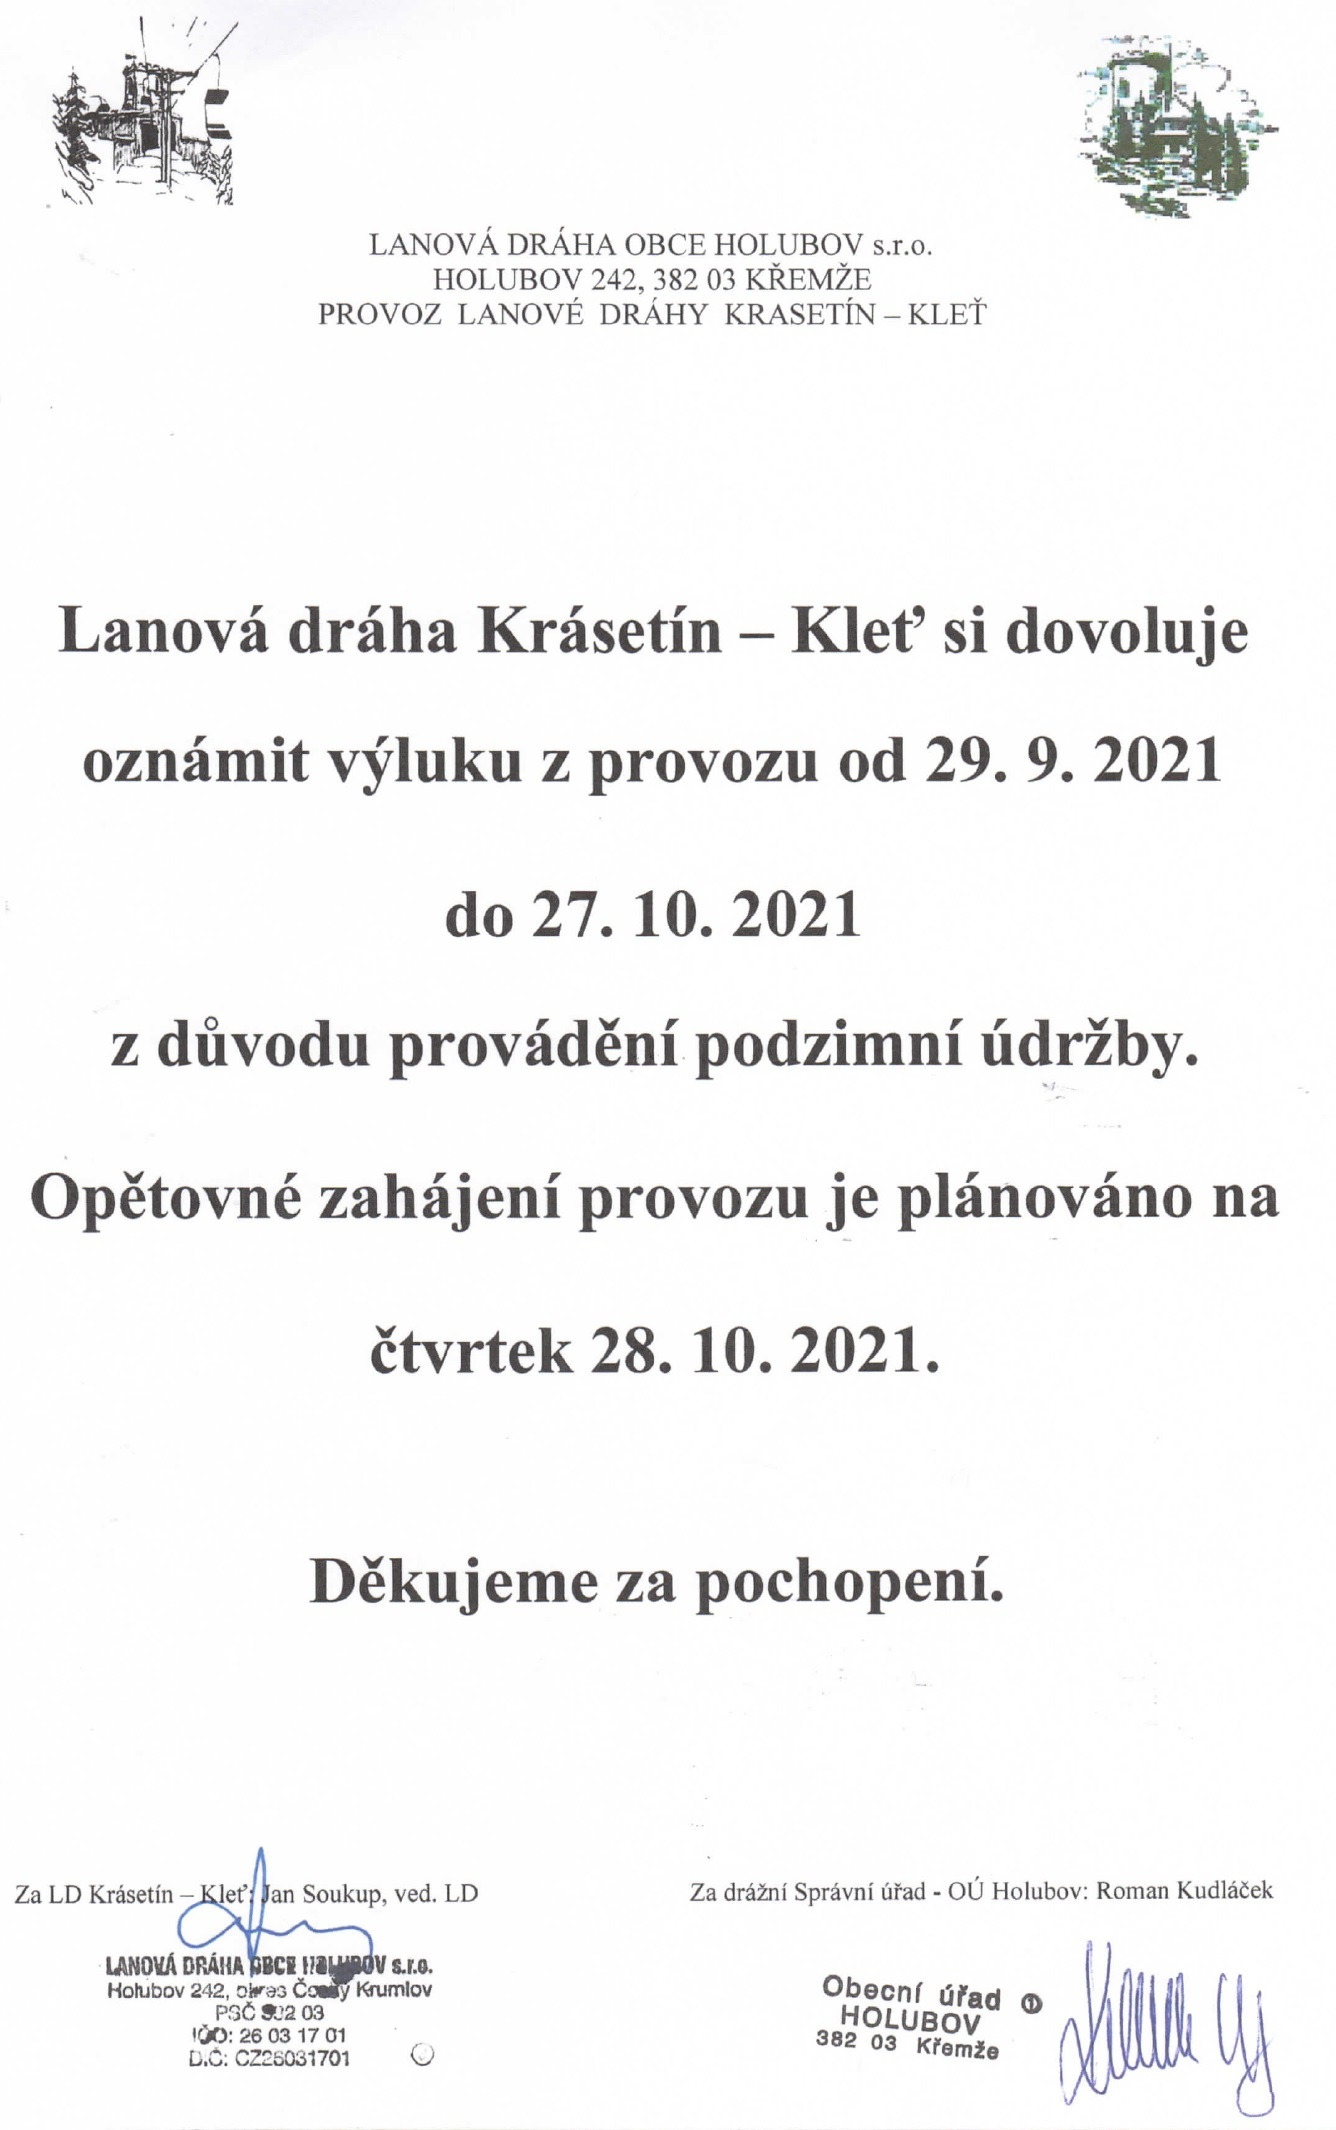 Výluka provozu lanové dráhy od 29. 9. 2021 do 27. 10. 2021